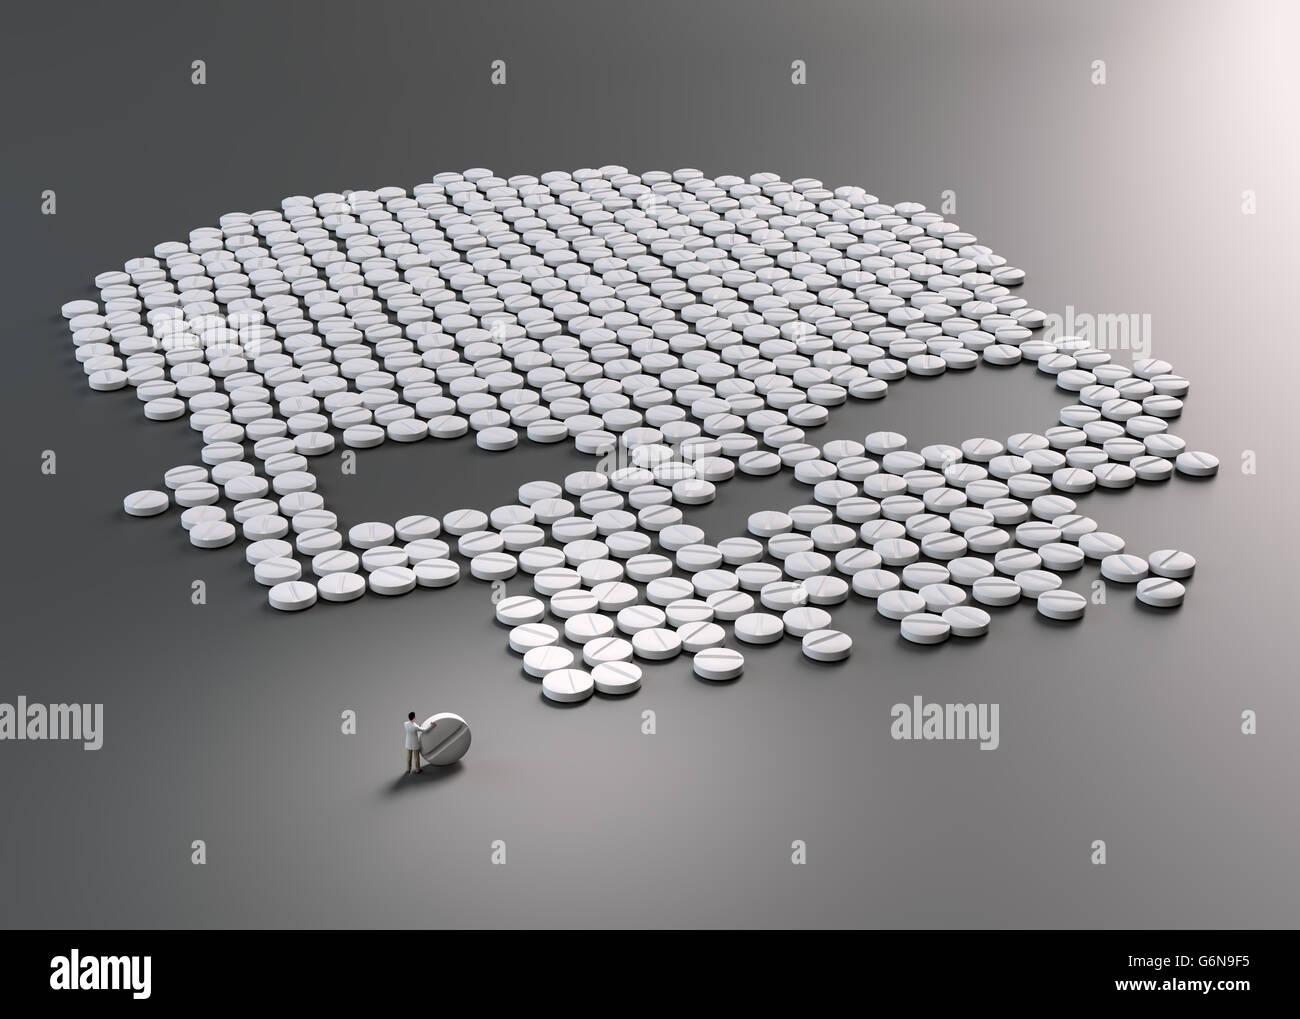 Pills formando un teschio simbolo - abuso di droga concetto 3D illustrazione Immagini Stock